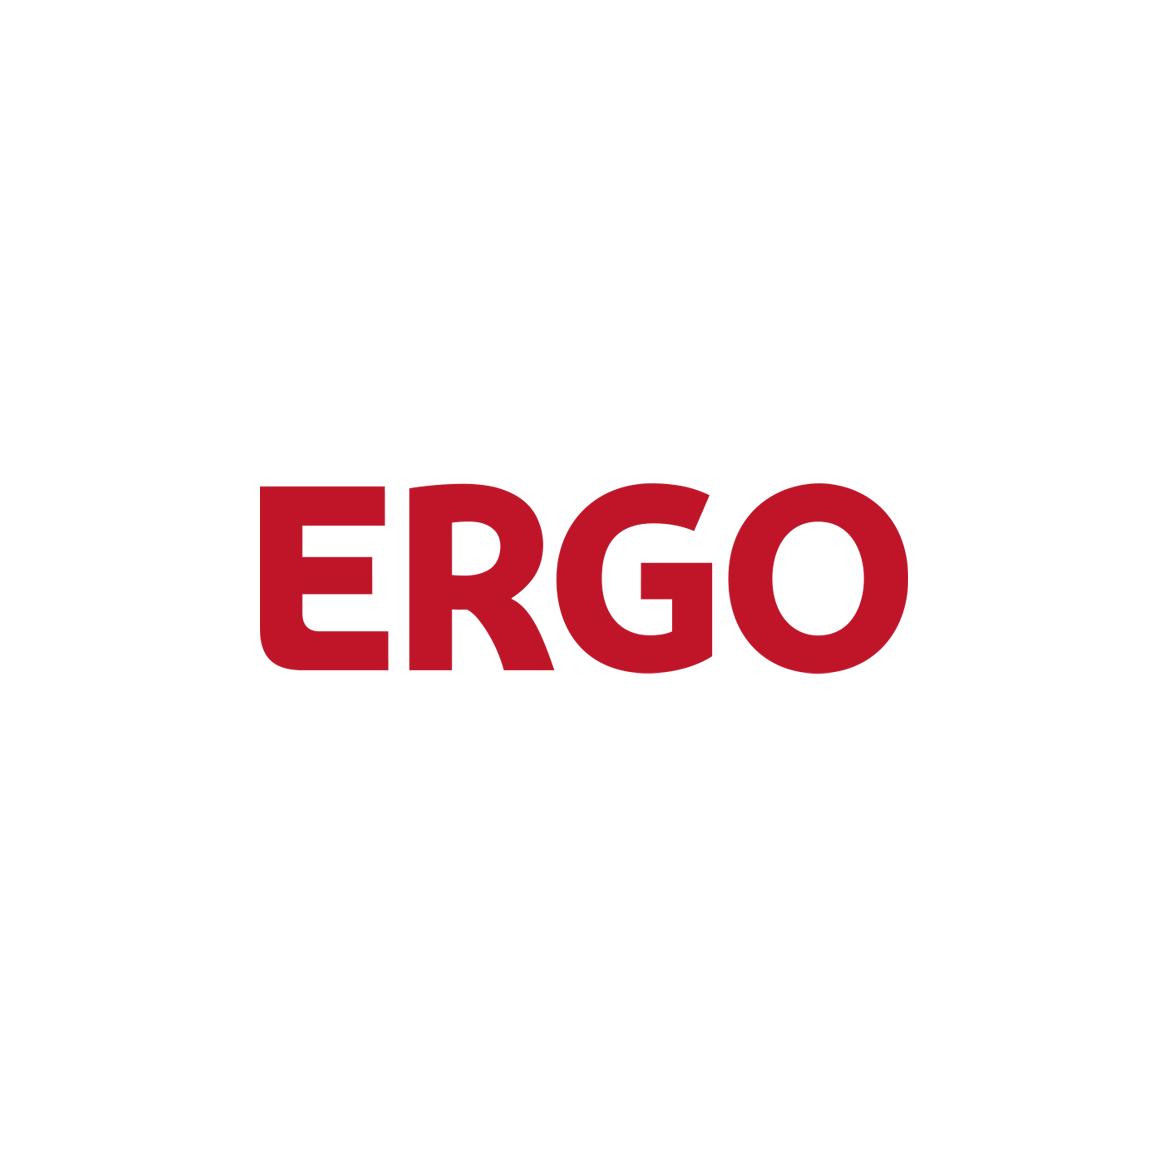 ERGO-Logo-2019-Teaser-800x450-web